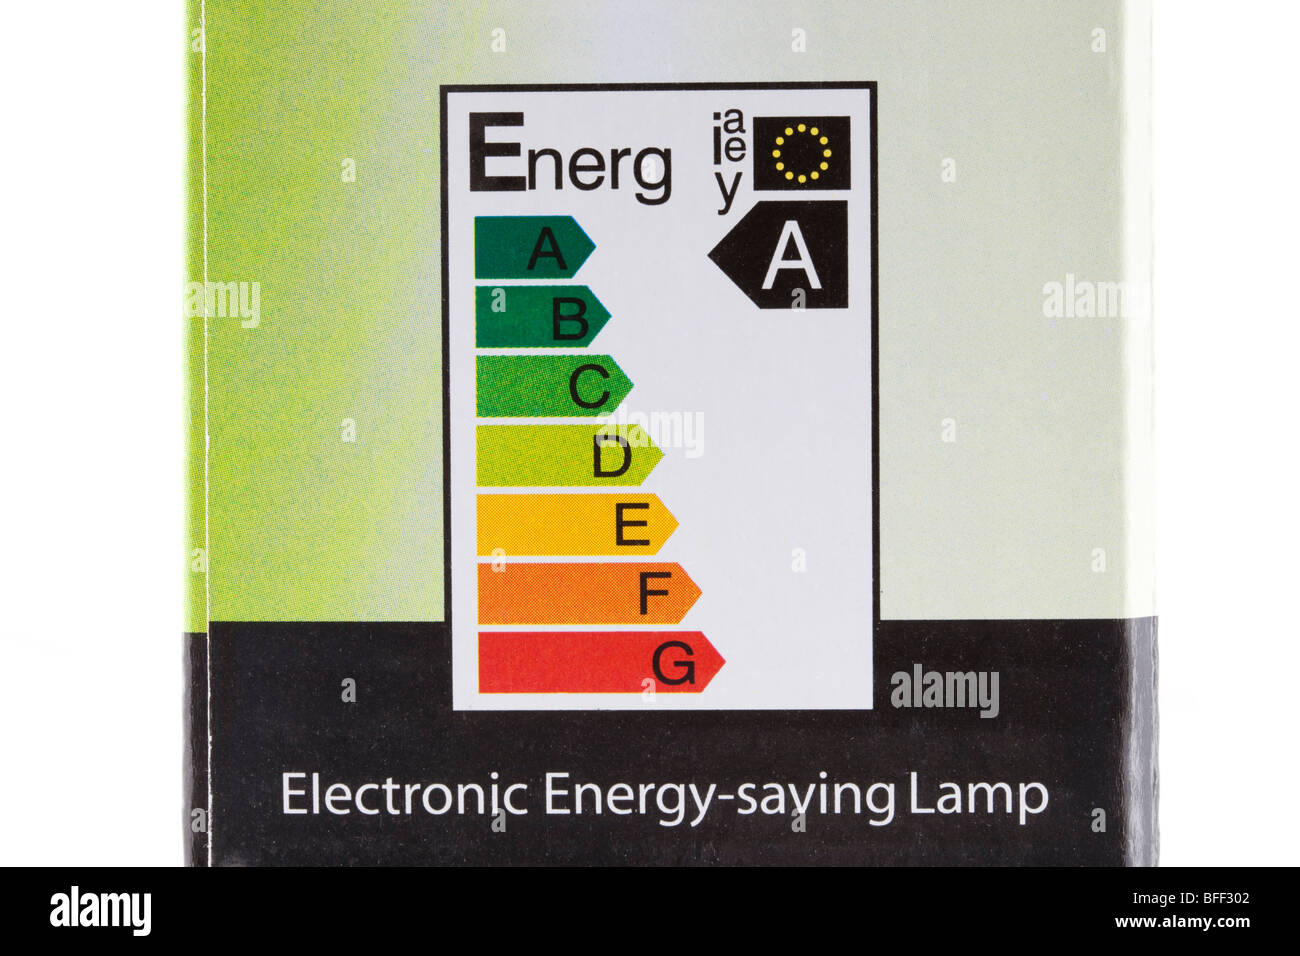 EU-elektrische Energie Label auf Low Energy Glühbirne mit höchster Energieeffizienz Bewertung A. England Stockbild